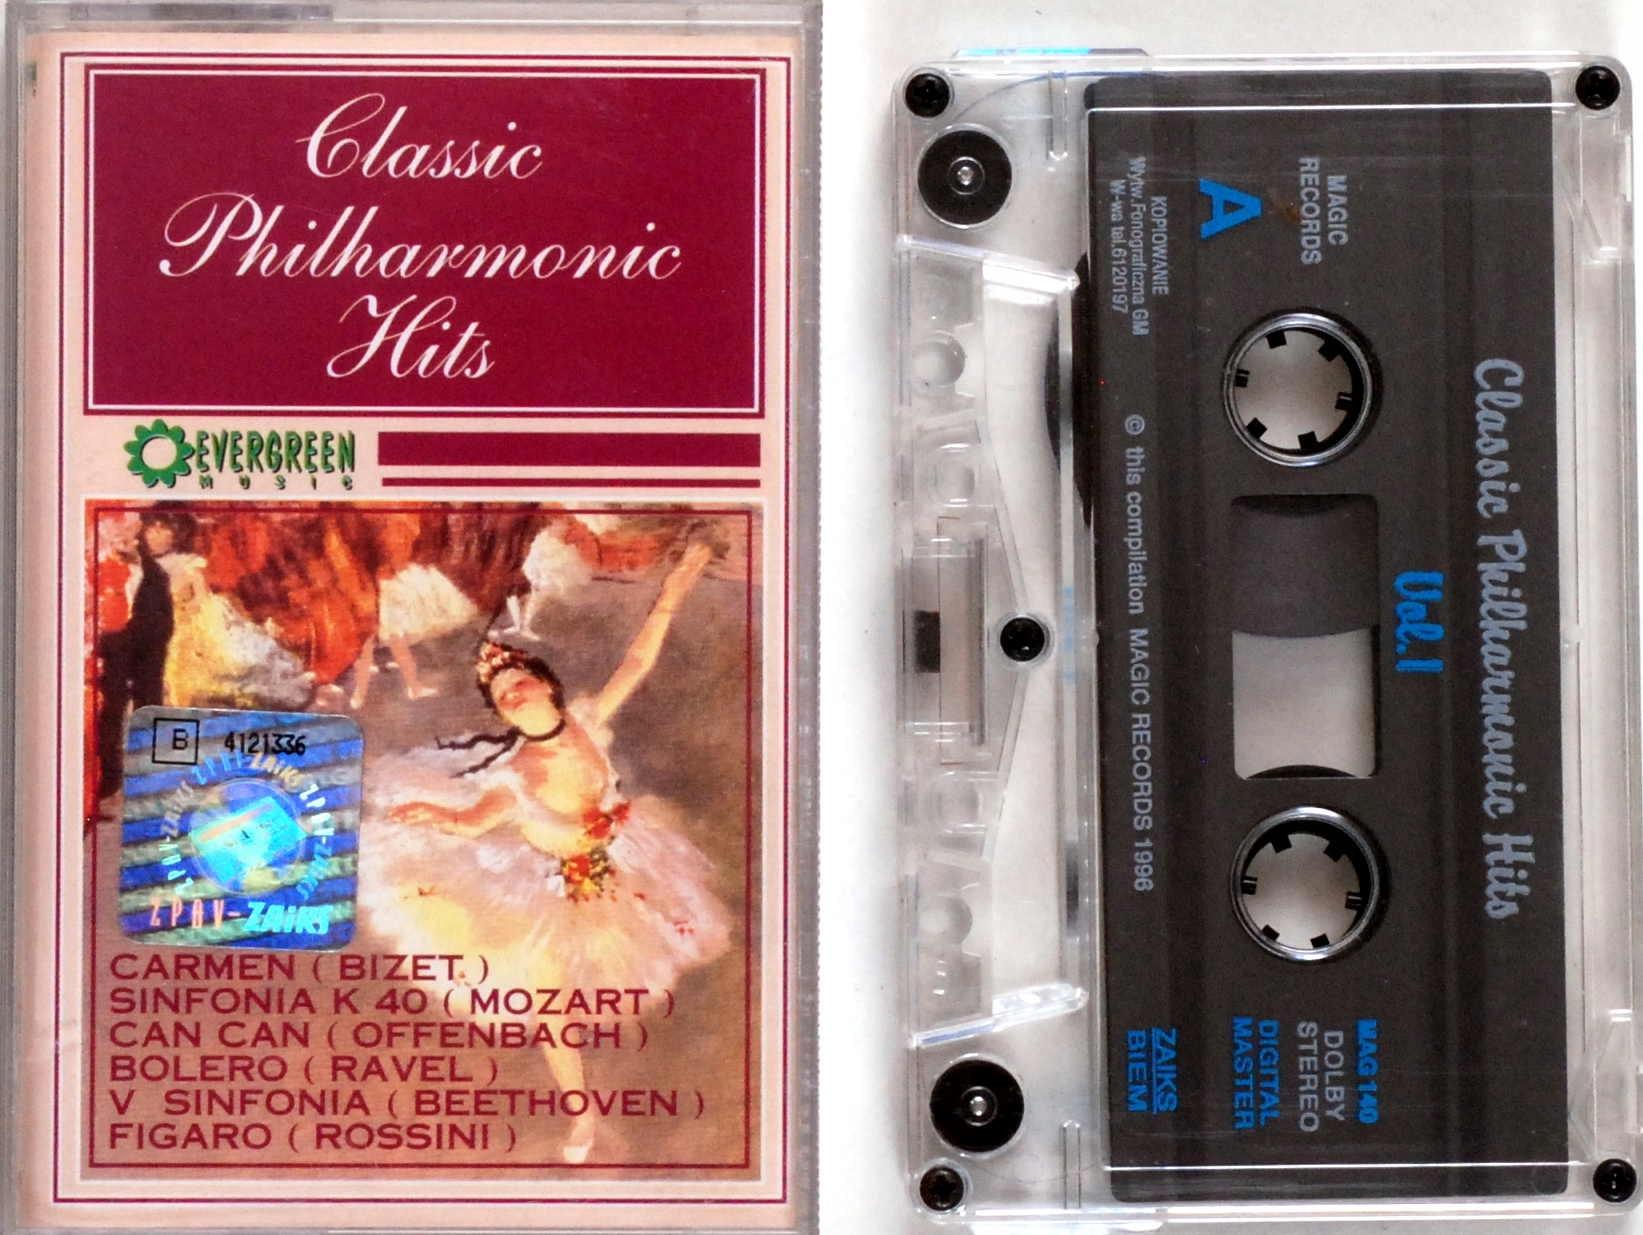 Классический Филармонический Hits Vol.1 (картридж) s.ОЧ. доставка товаров из Польши и Allegro на русском